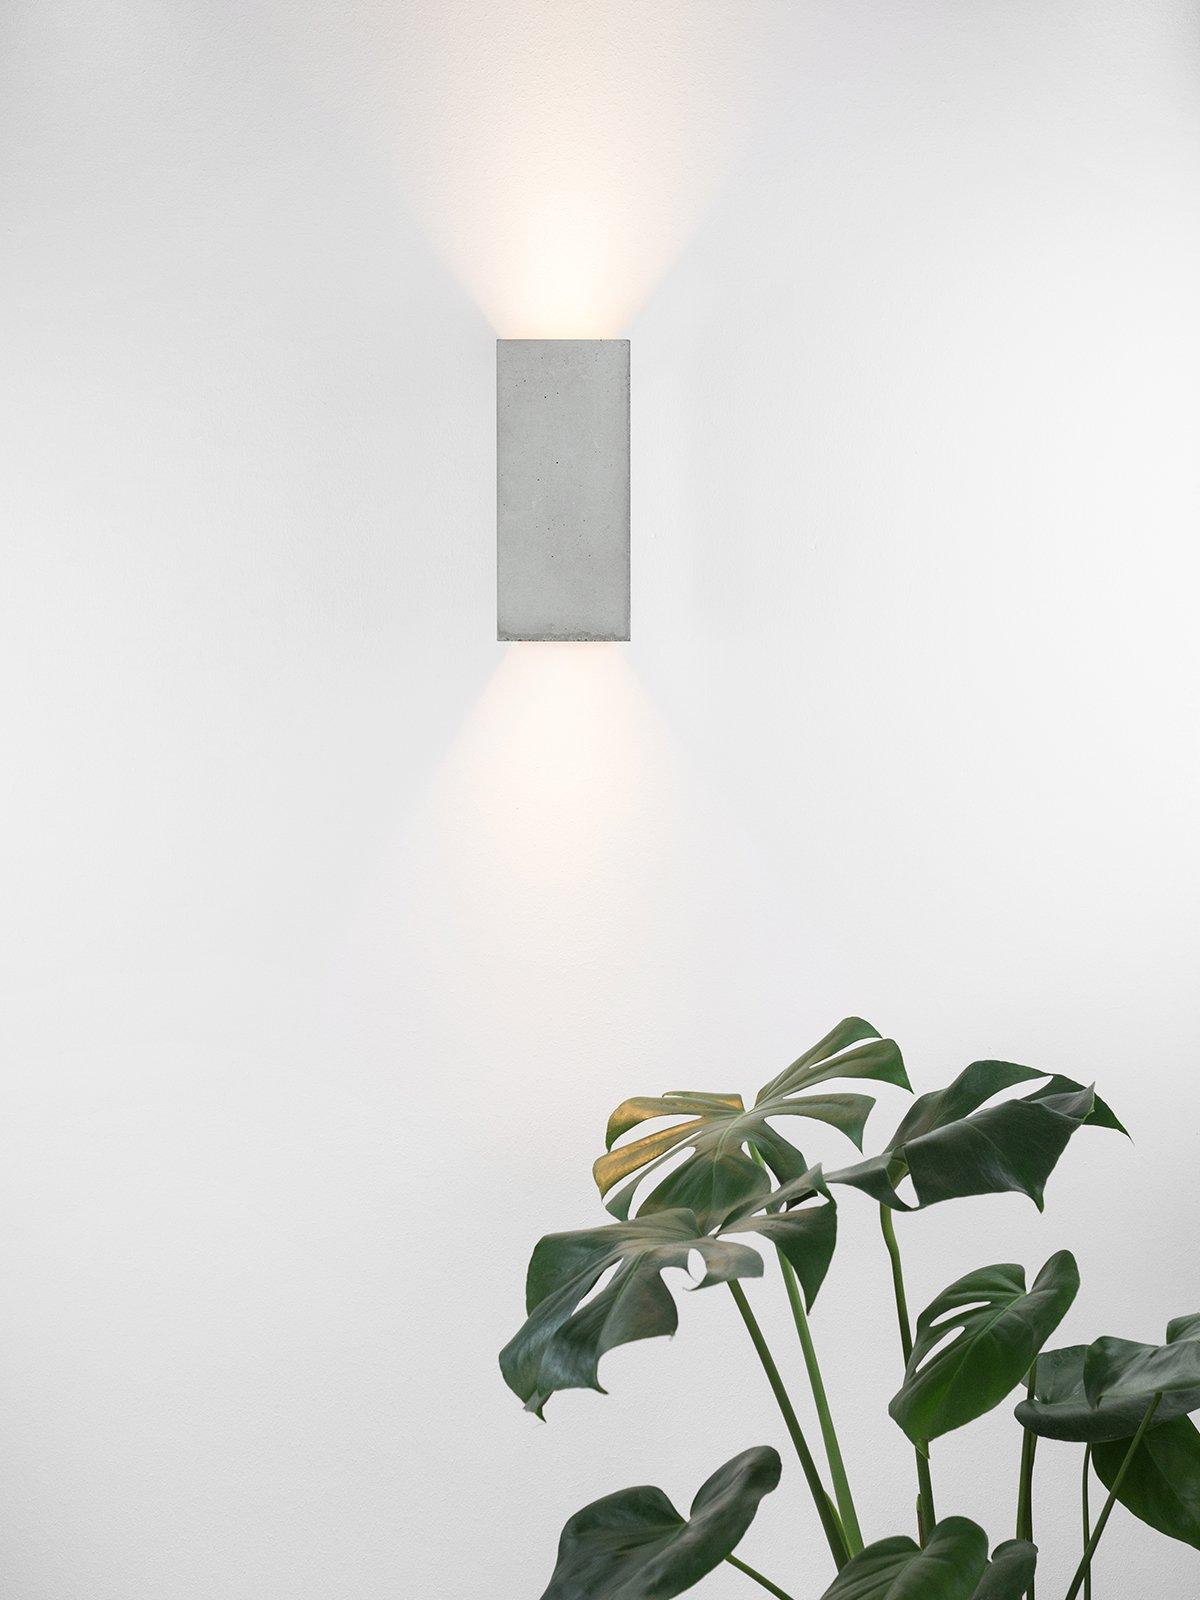 products 171108 B8 Betonlampe mit Pflanze Wandlampe